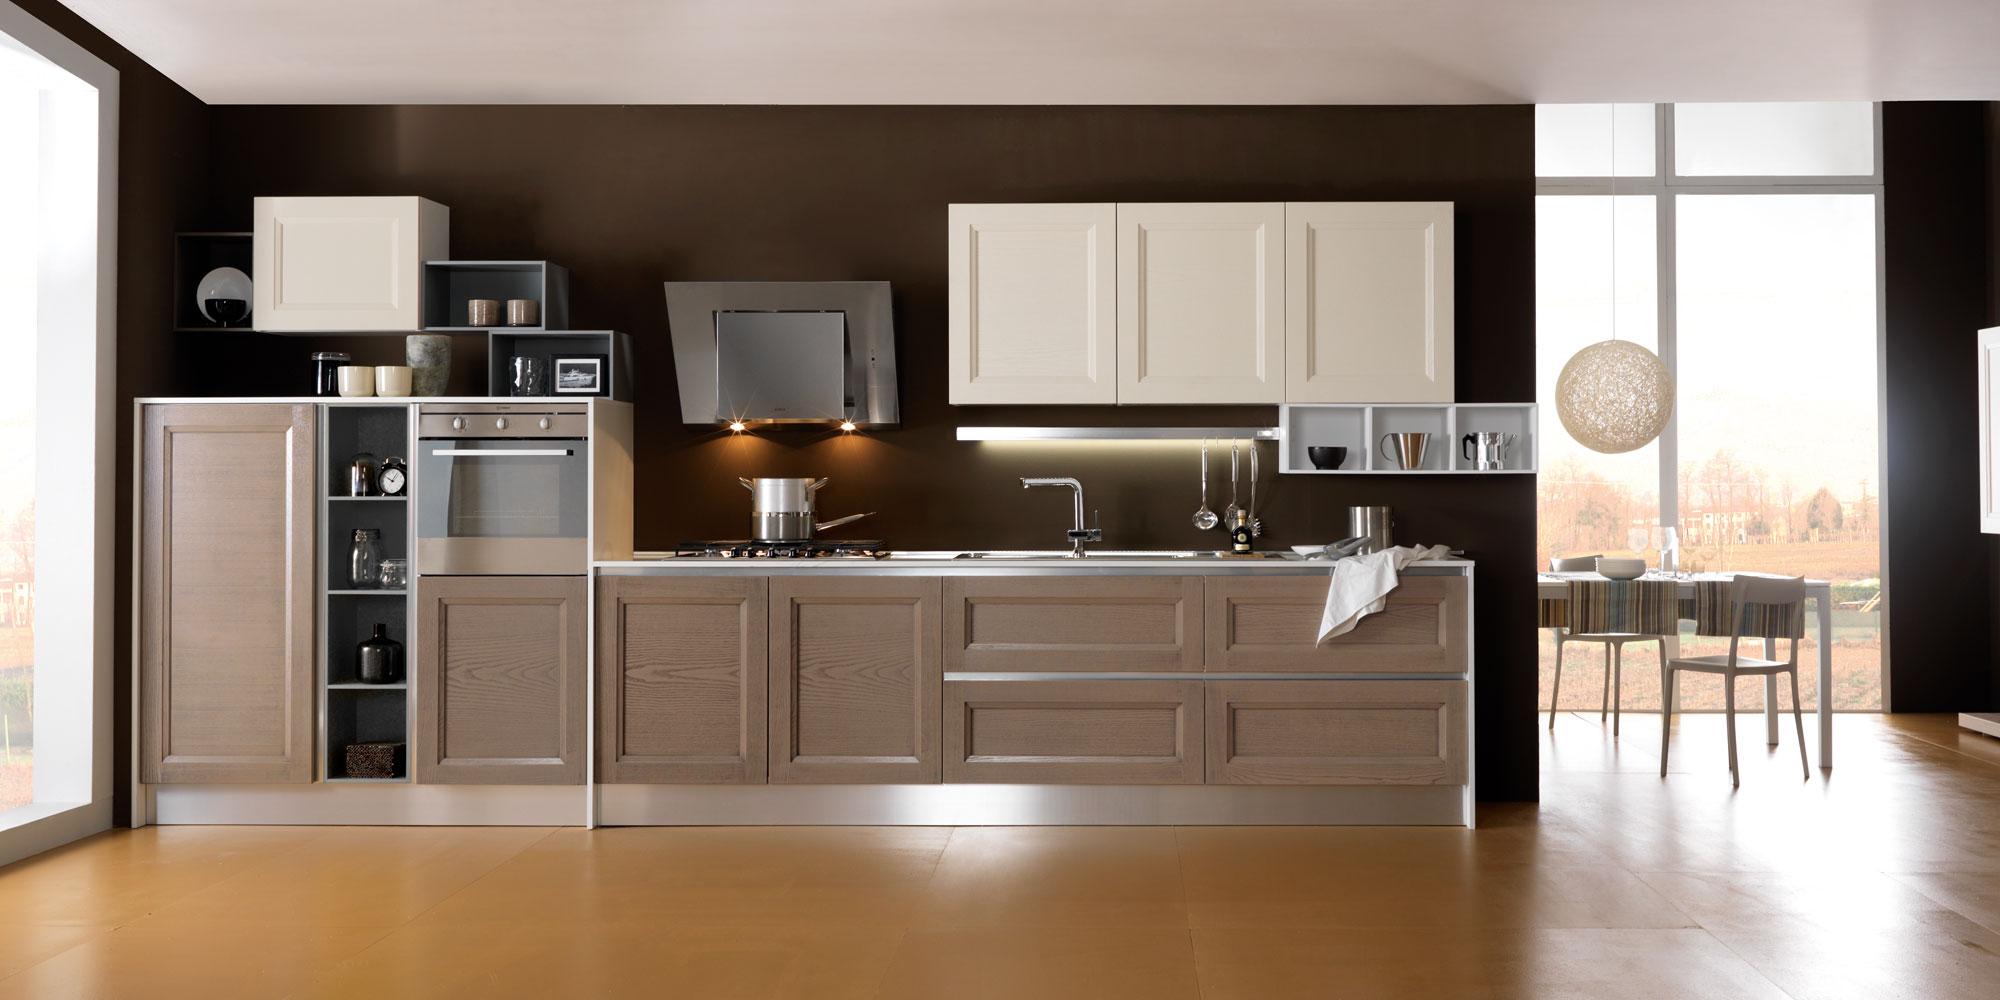 cucine bamax - 28 images - cucine bamax kitchen kitchen set bamax ...